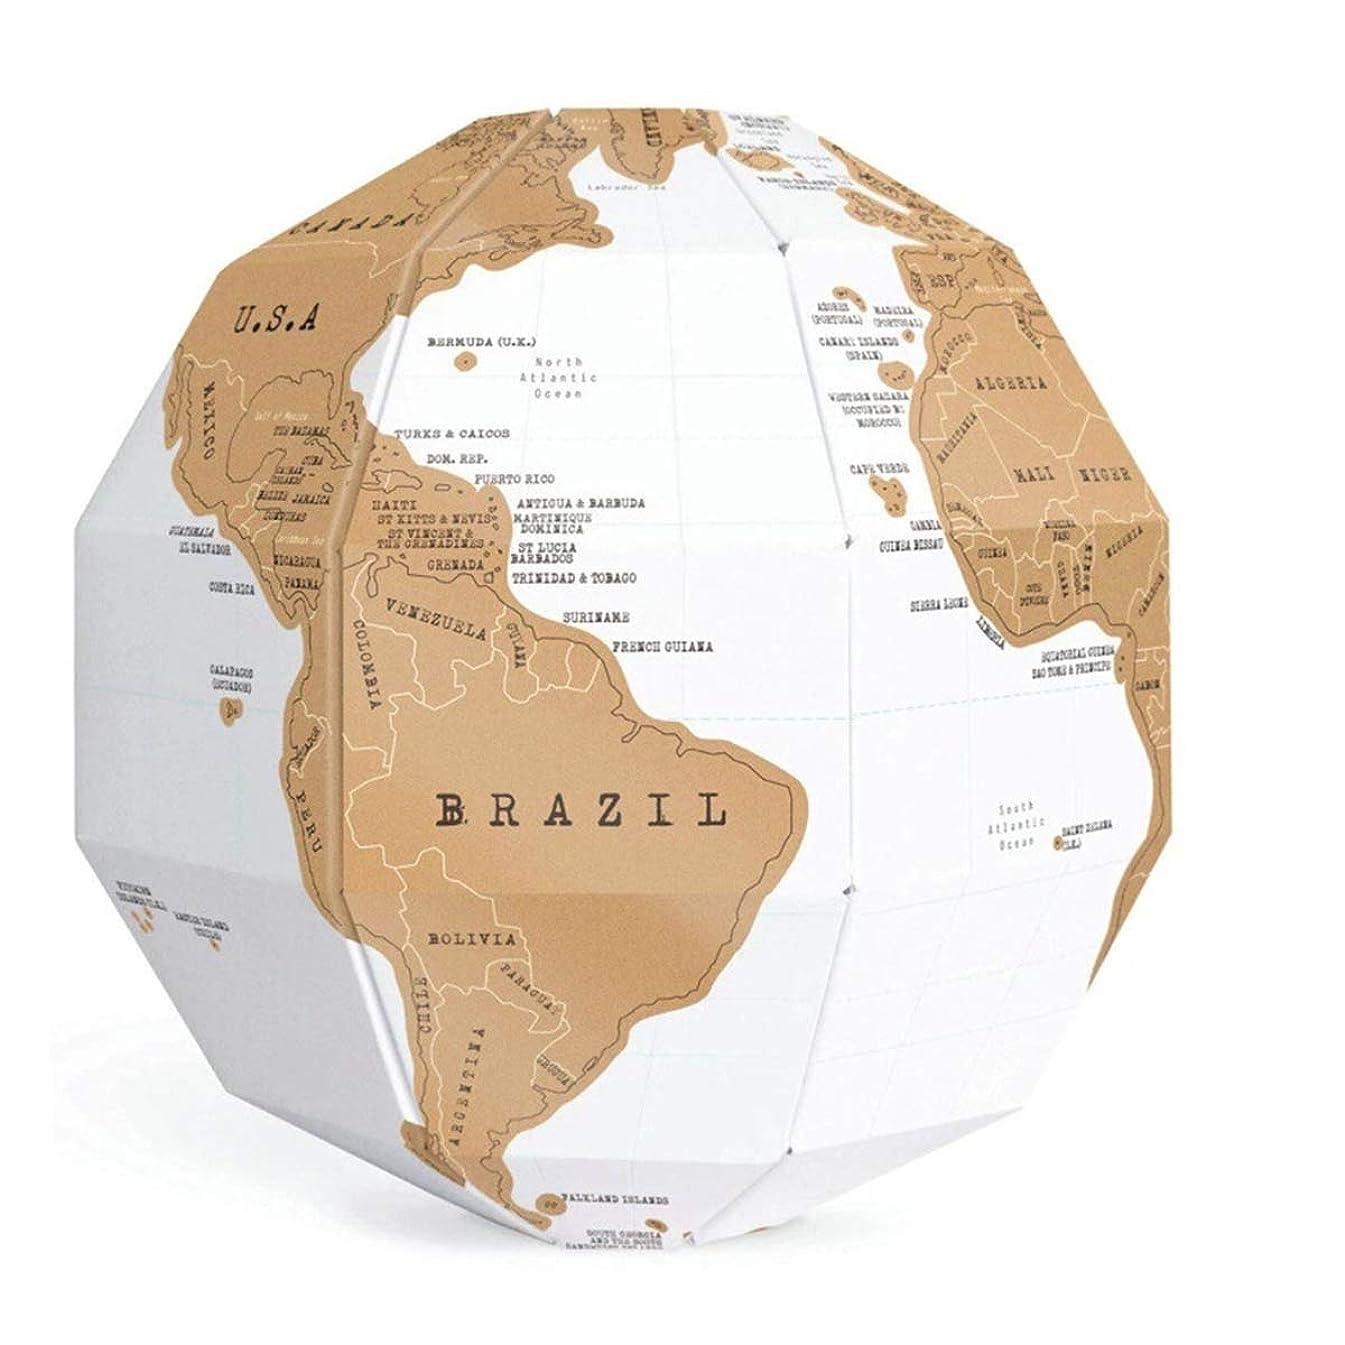 サーキュレーションストライクつかむBeho 3D DIYスクラッチグローブステレオアセンブリスクラッチグローブテルリオンセット世界地図旅行地理教育装置